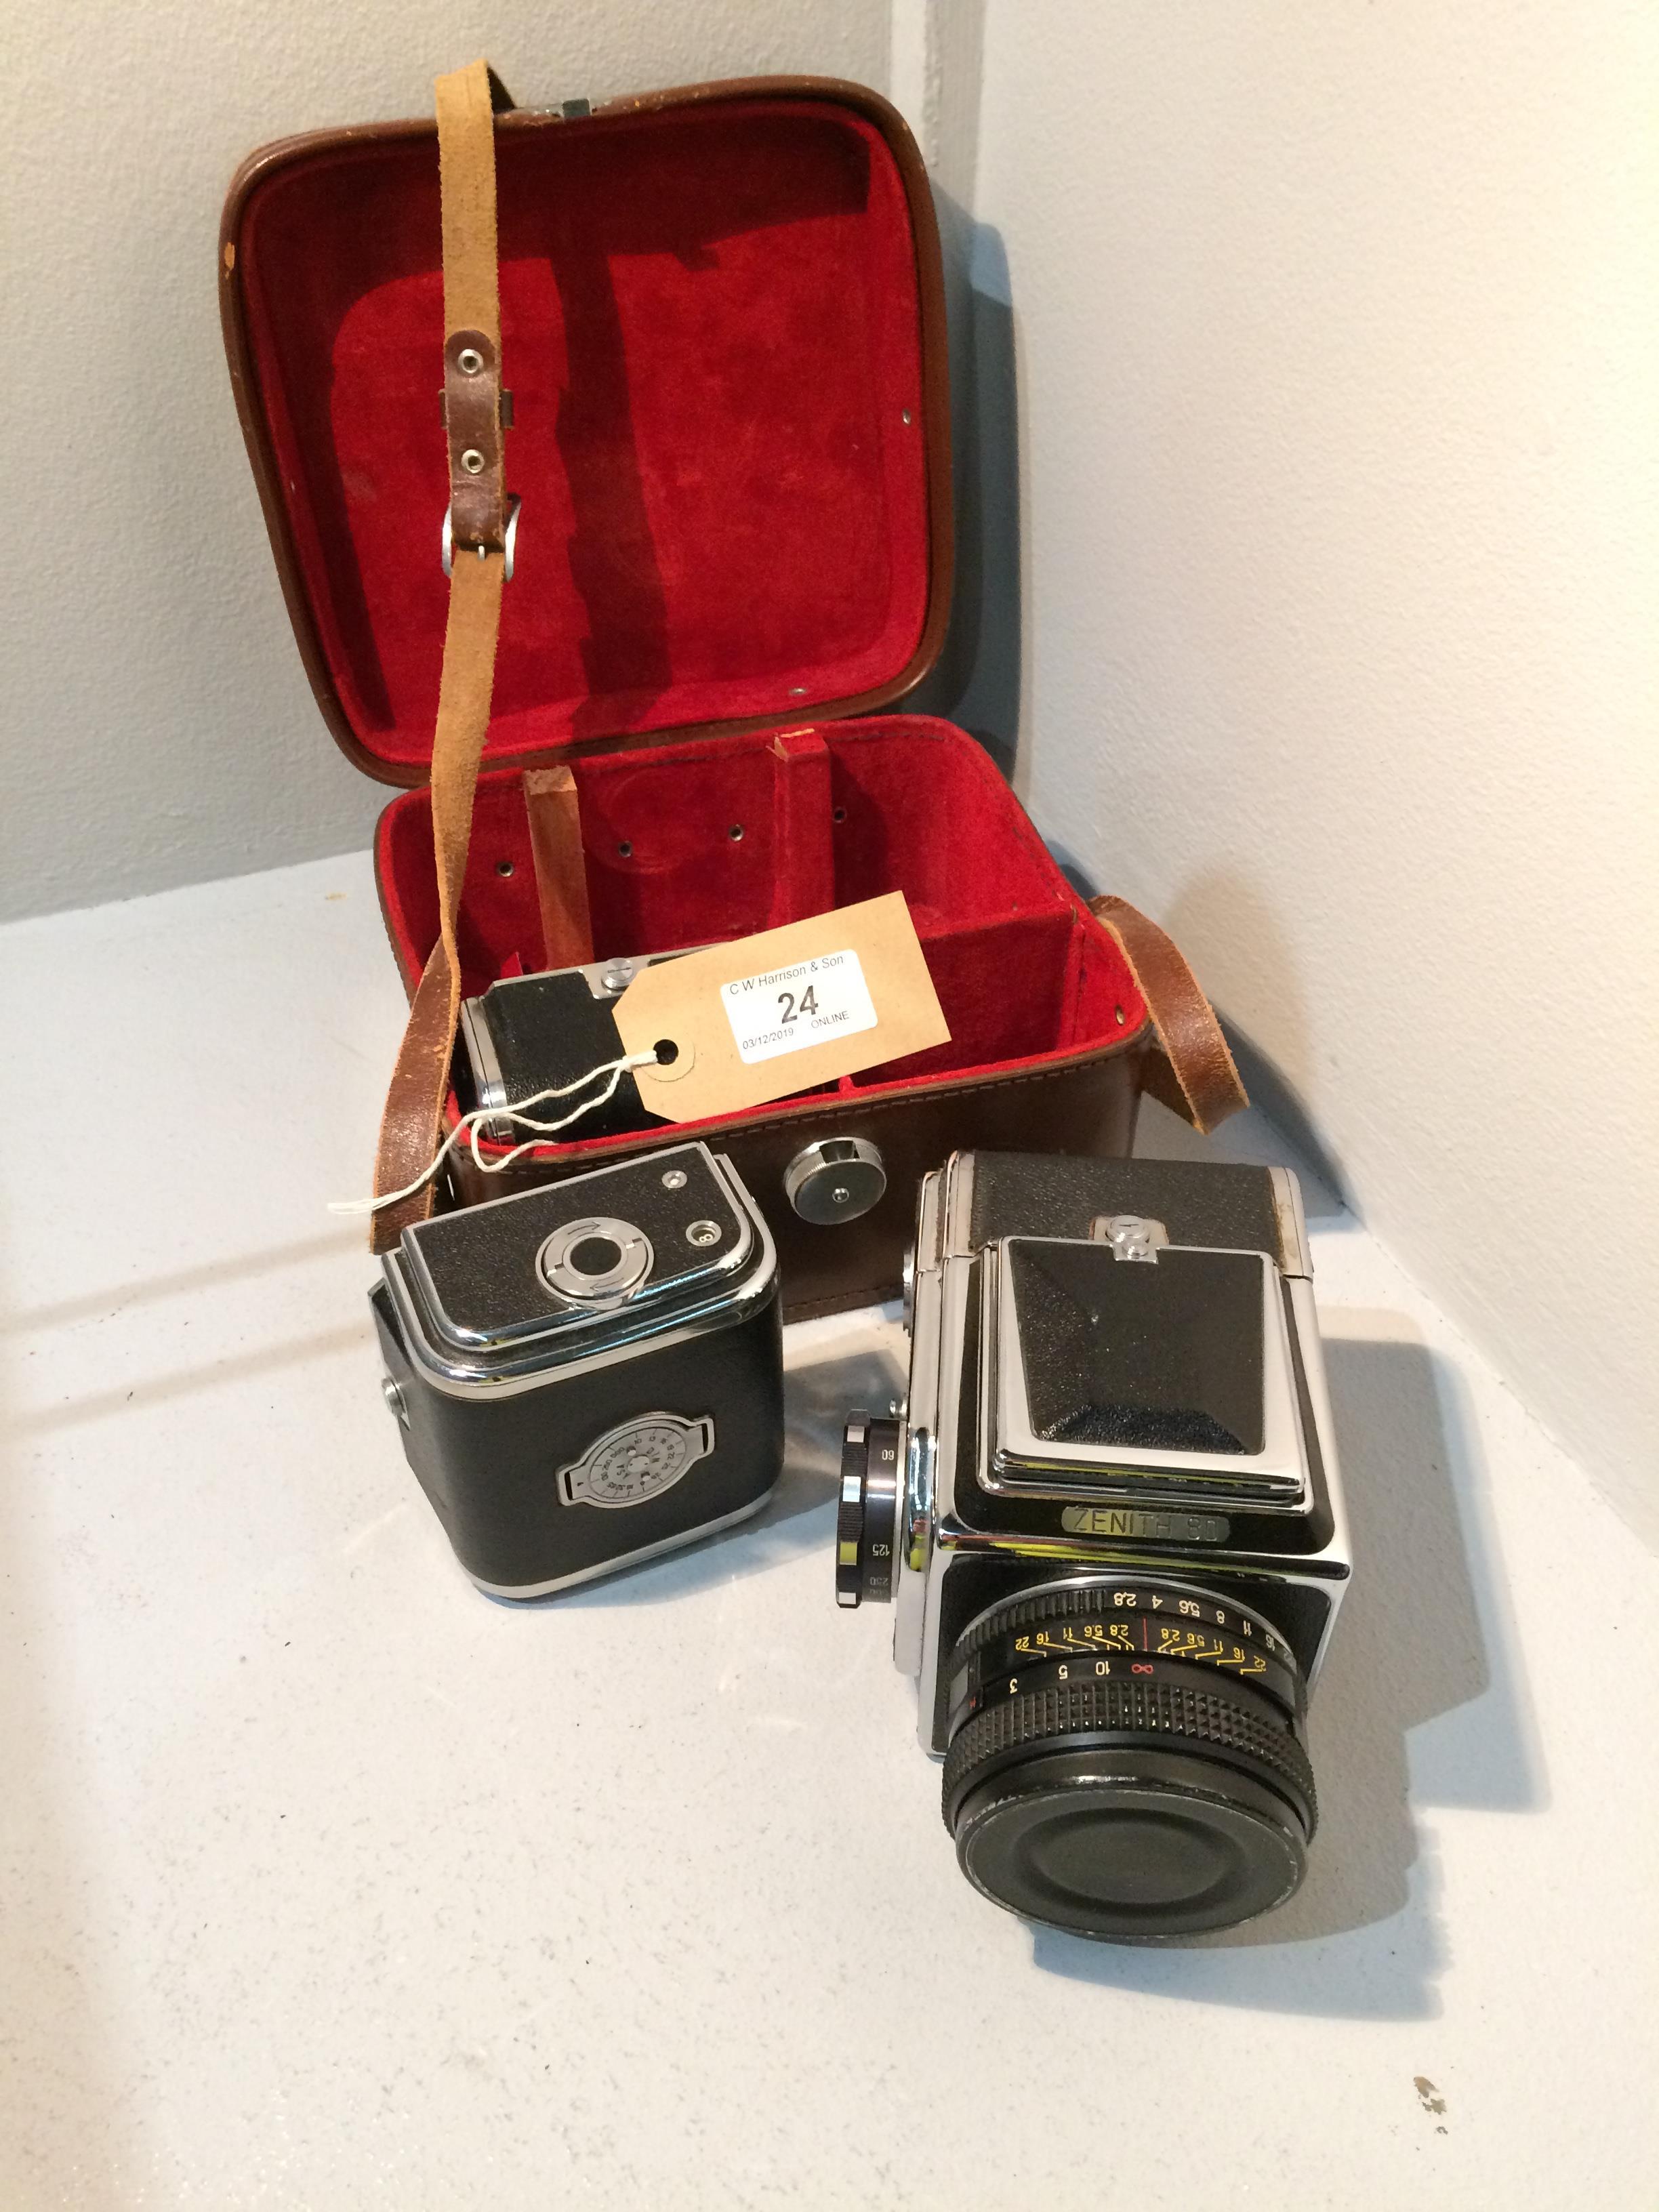 Lot 24 - Zenith 80 movie camera with BOAHA 3 2.